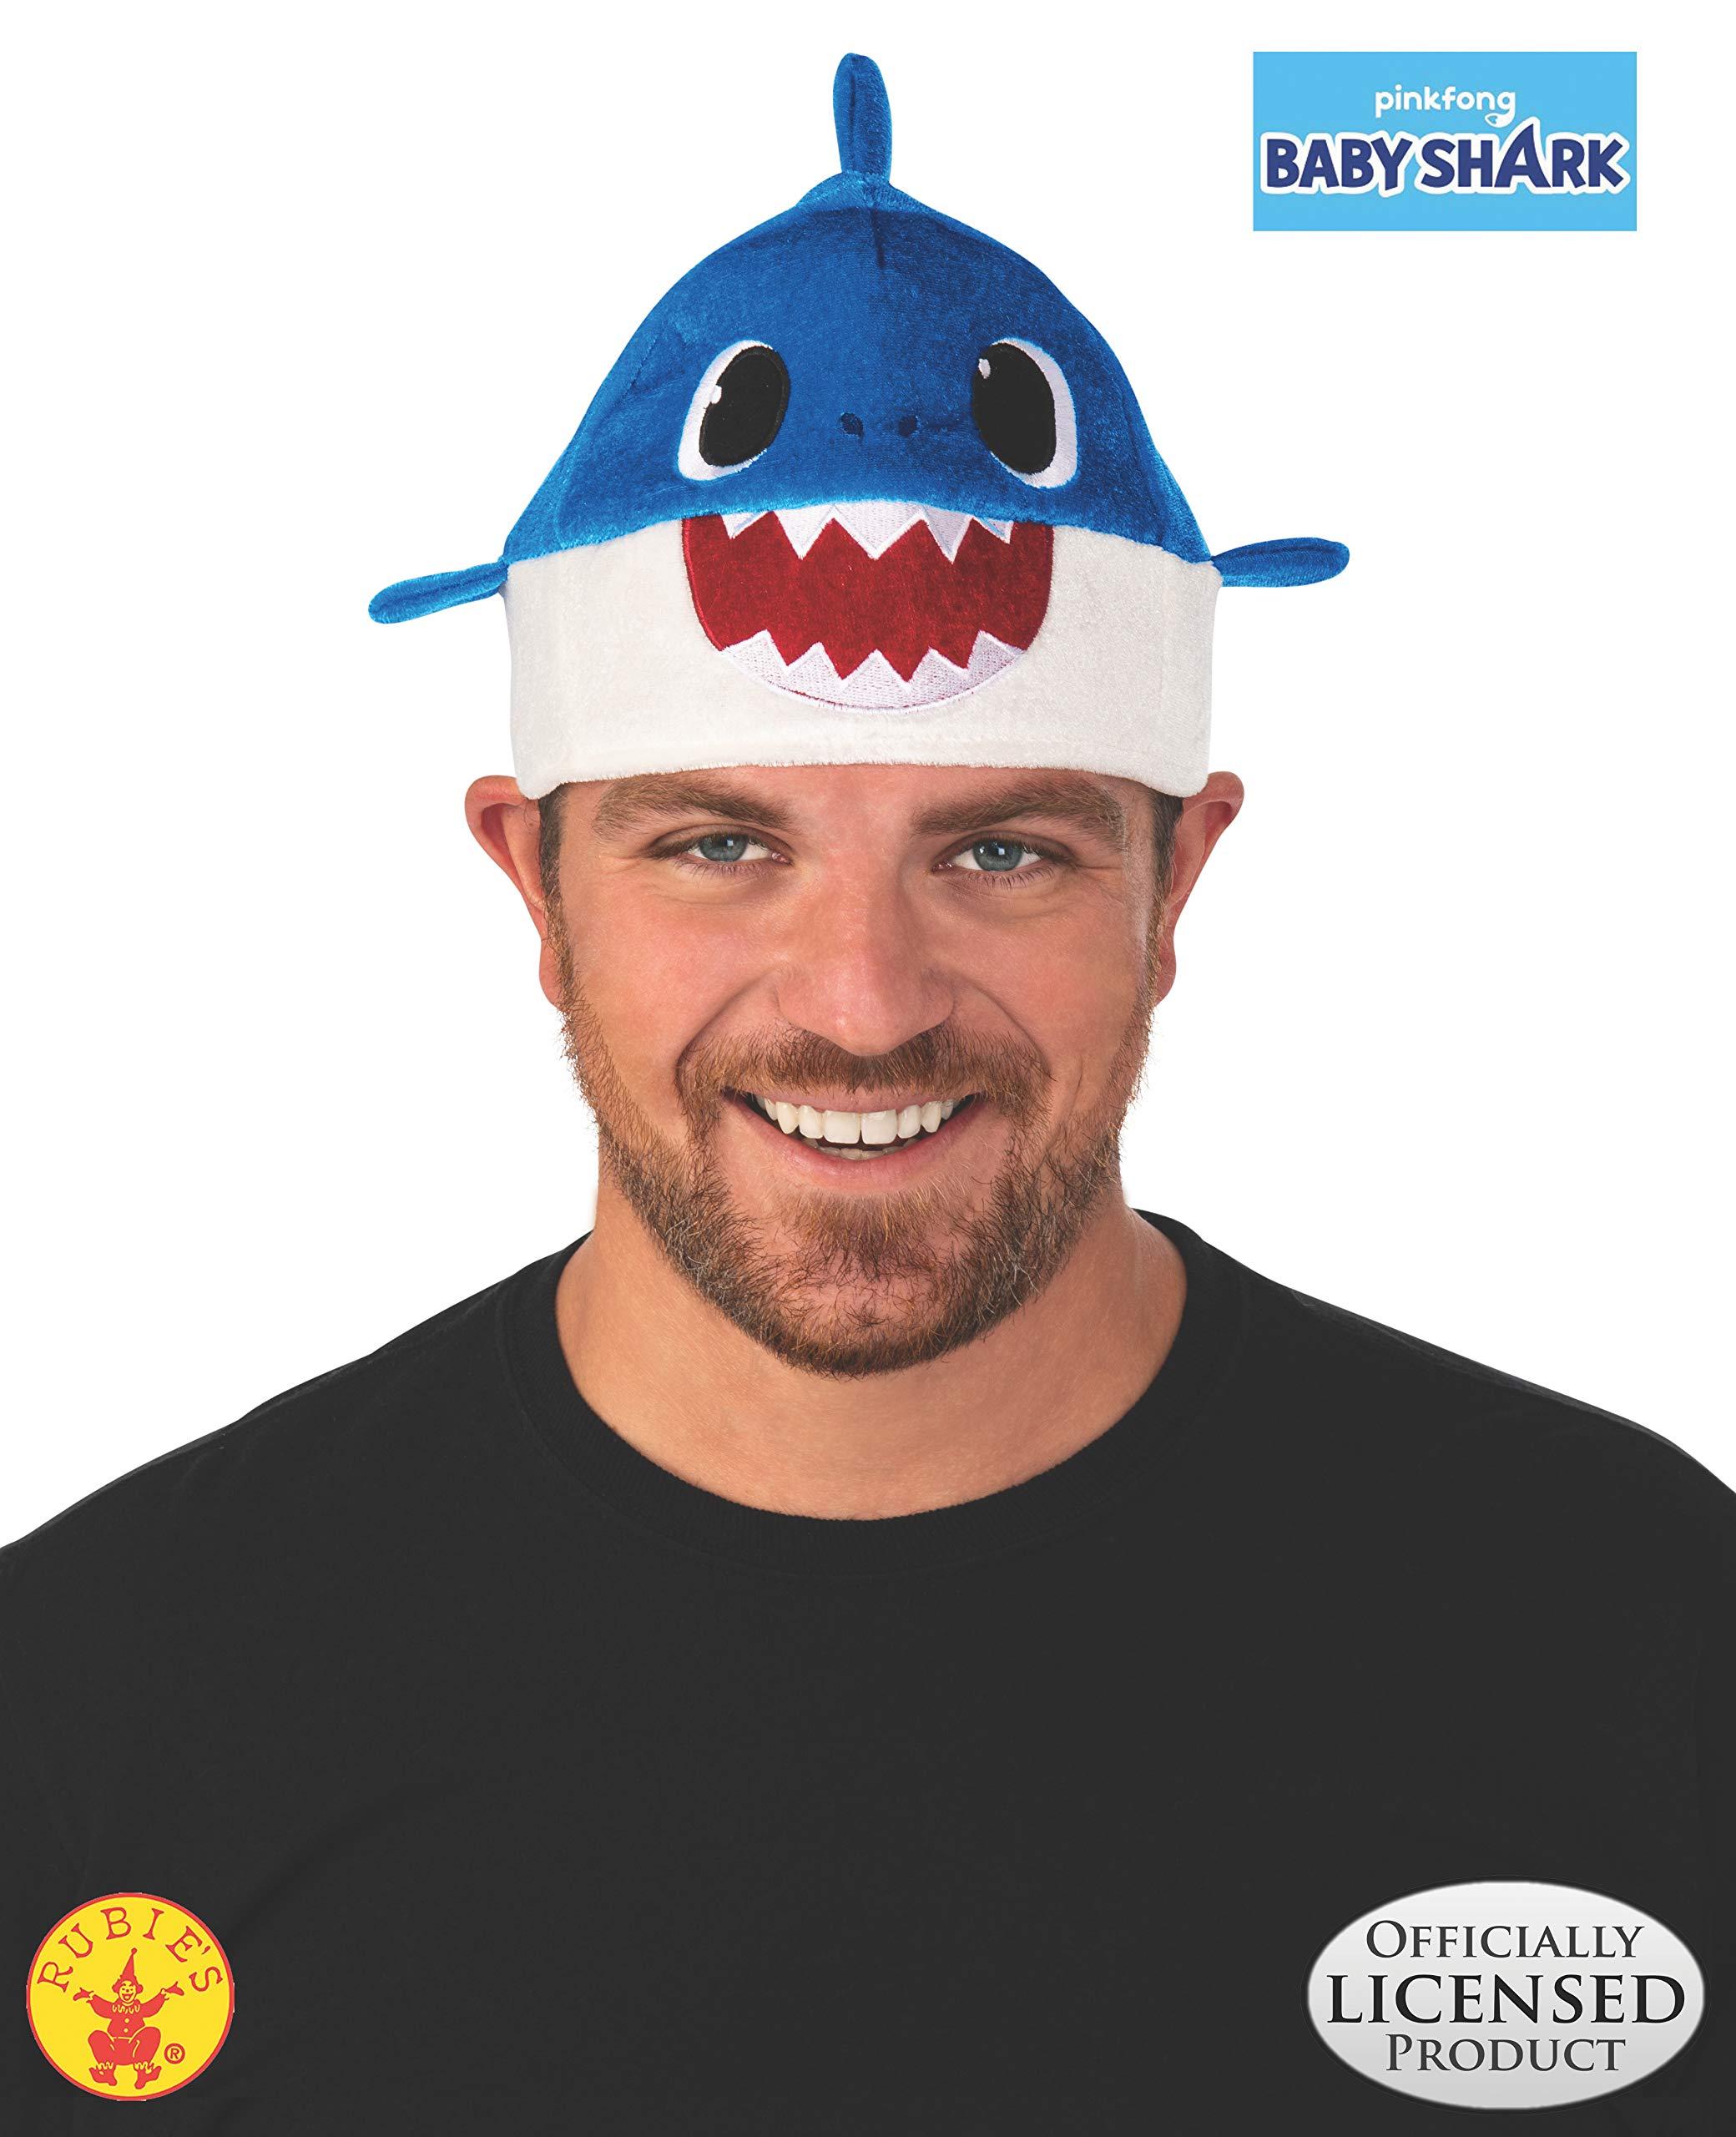 Rubie's Kids' Little Daddy Shark Hat, Blue, One Size by Rubie's